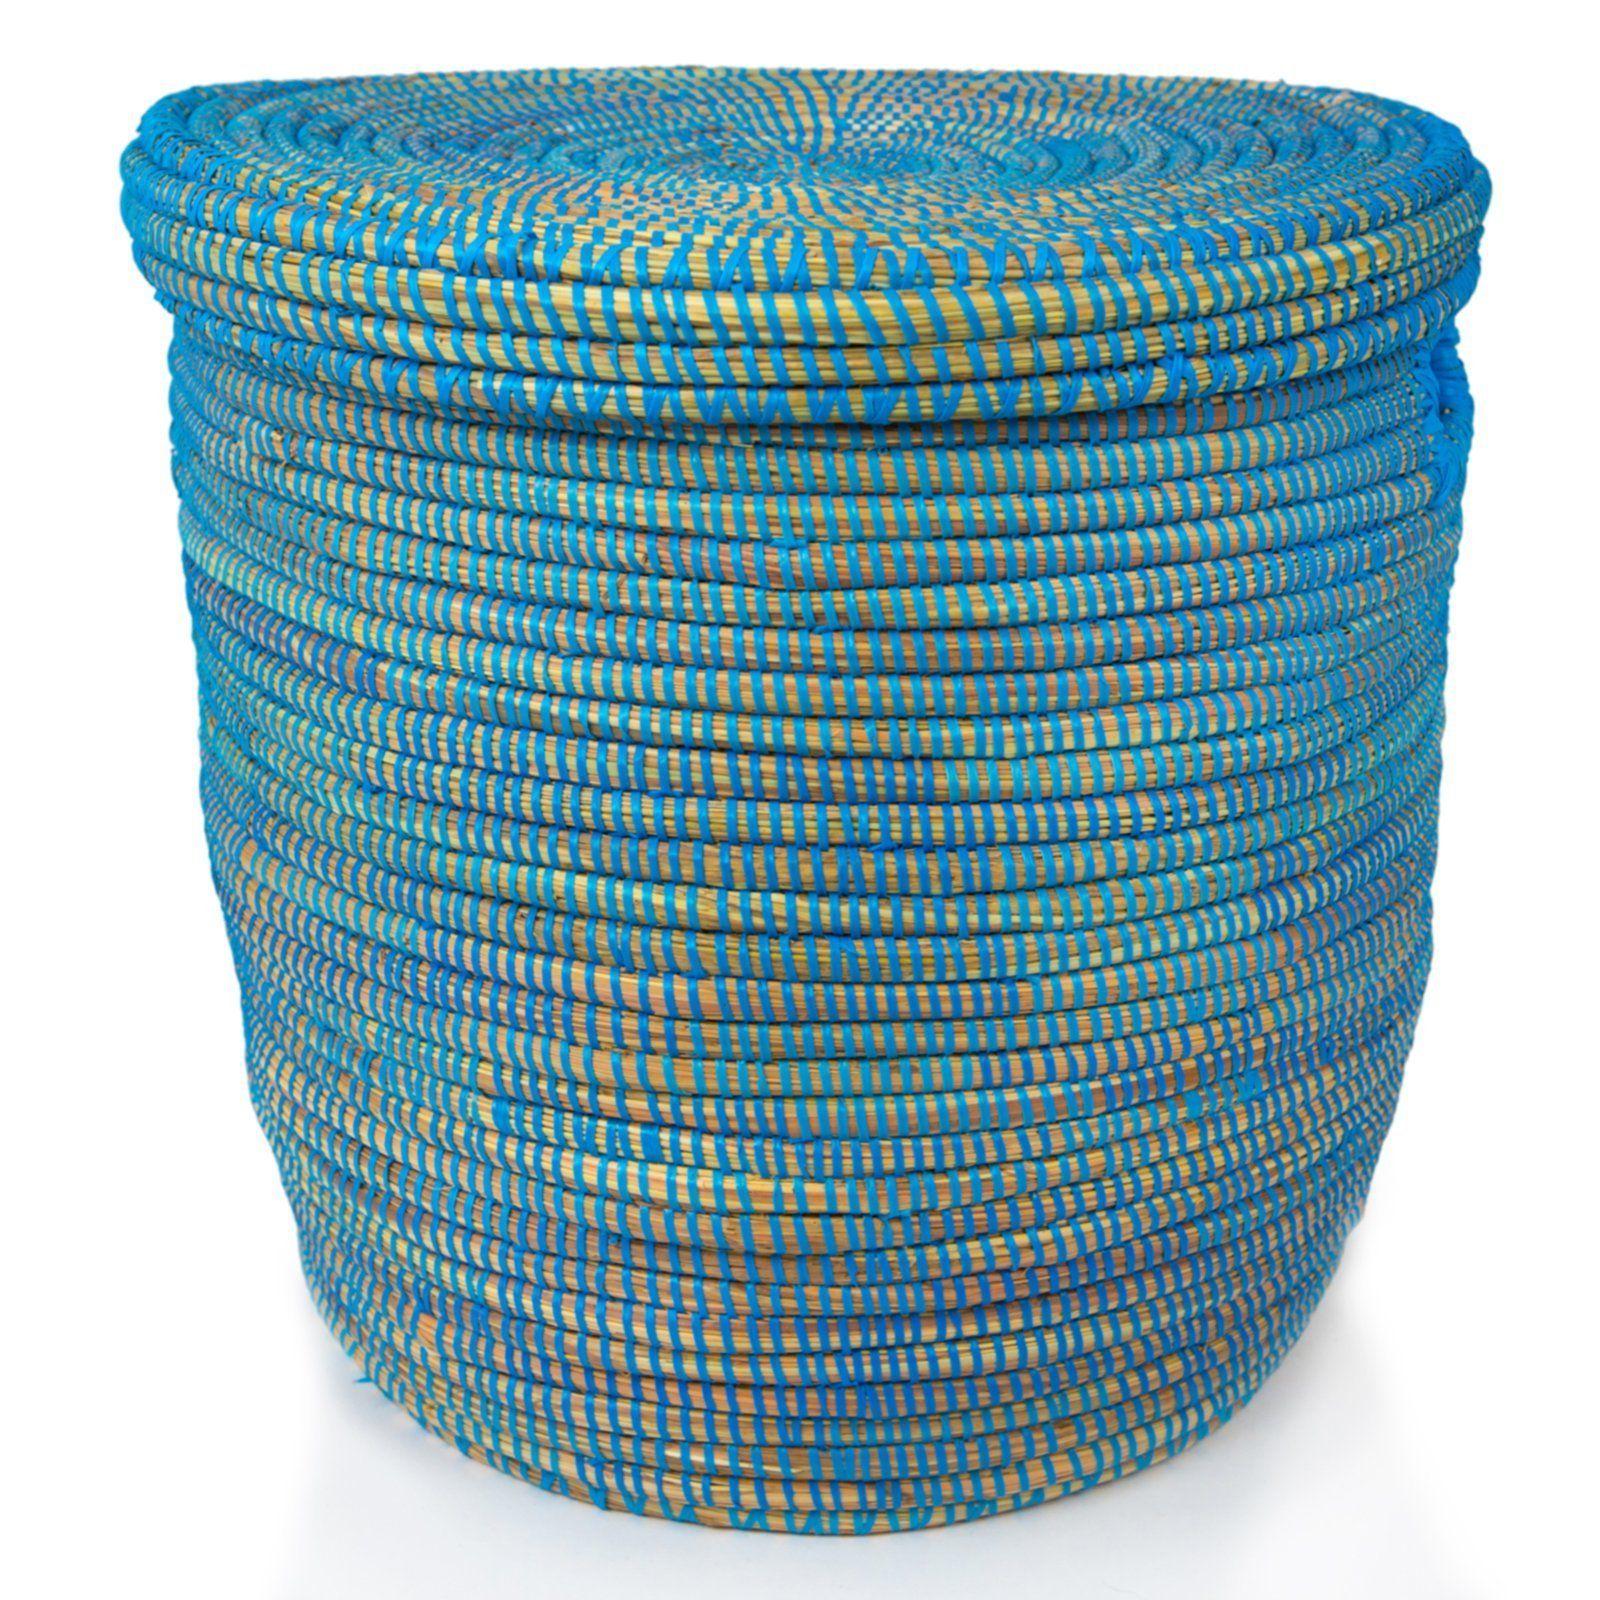 Blue African Basket Hamper With Lid 21 5 H Basket Hamper